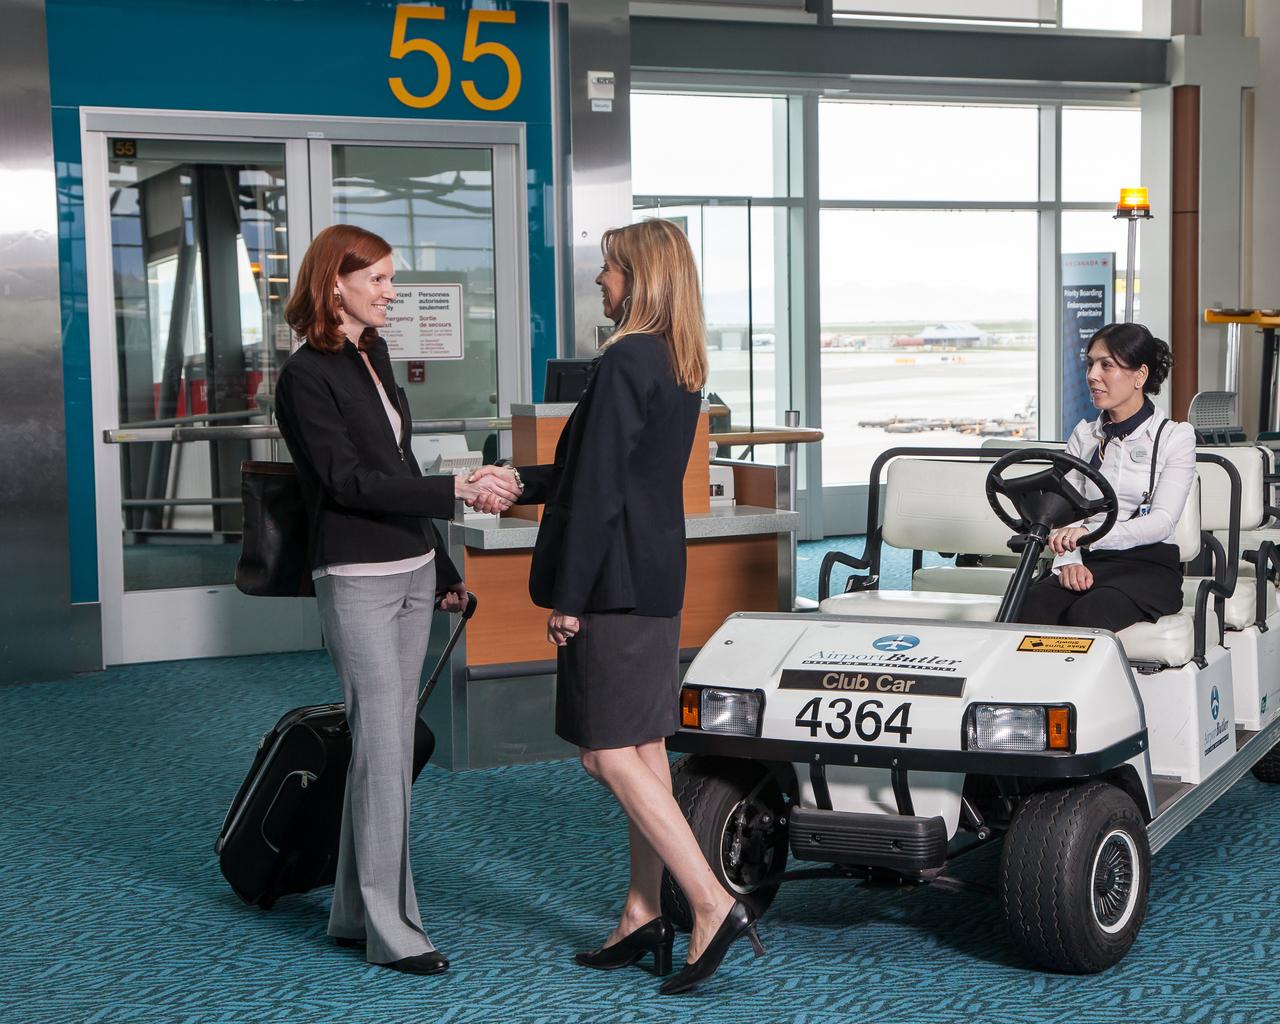 Airport Butler Meet Greet Service